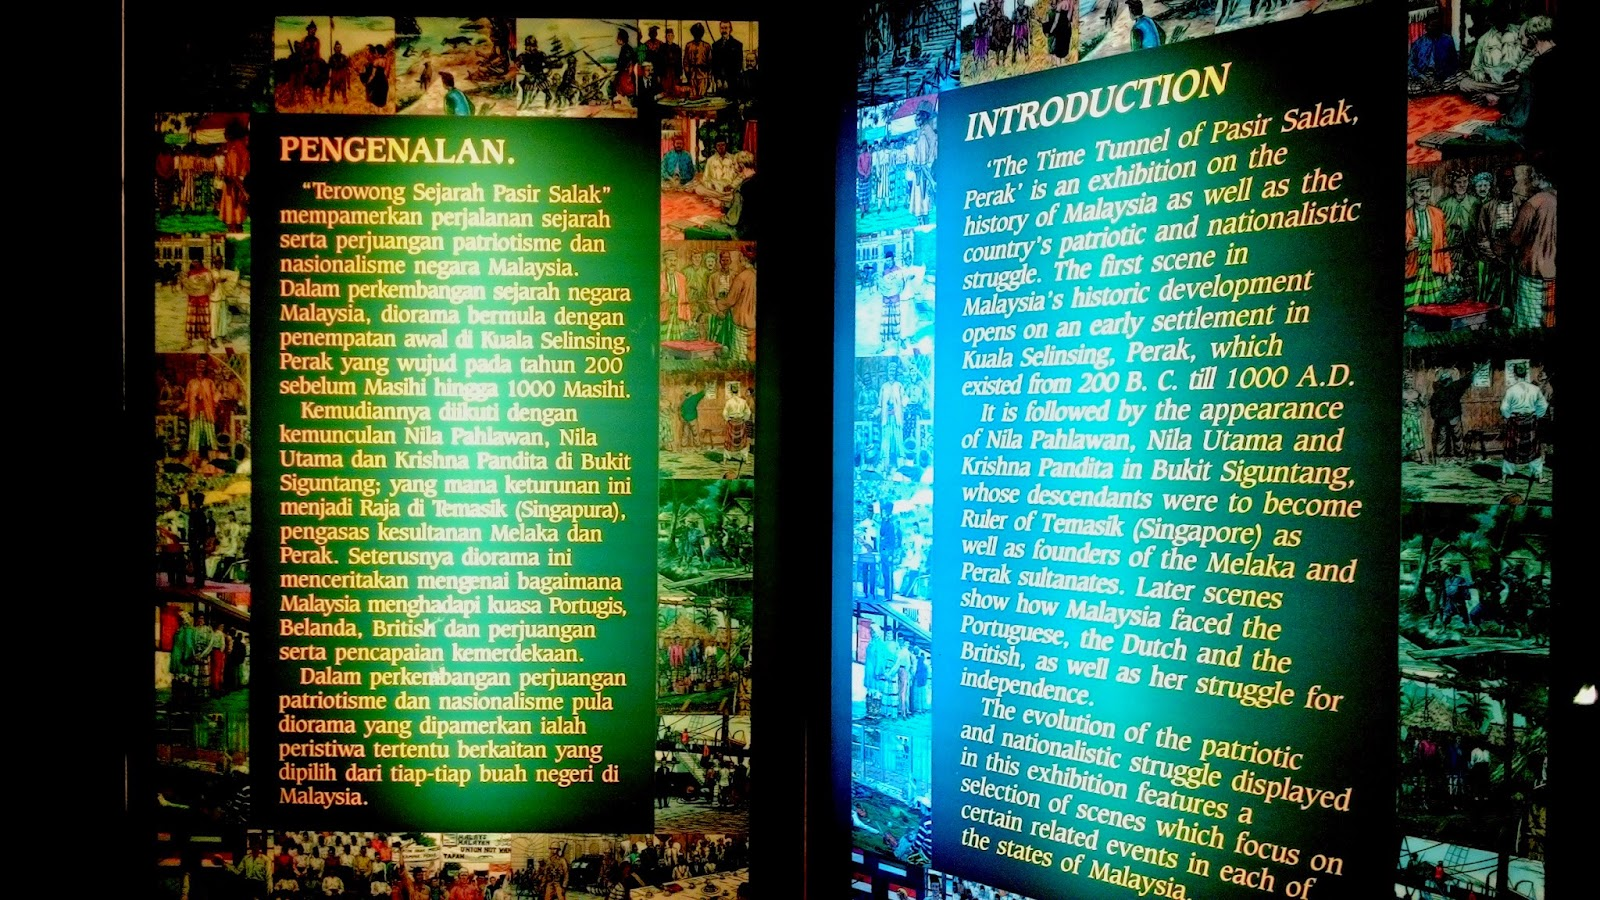 Terowong Sejarah Pasir Salak